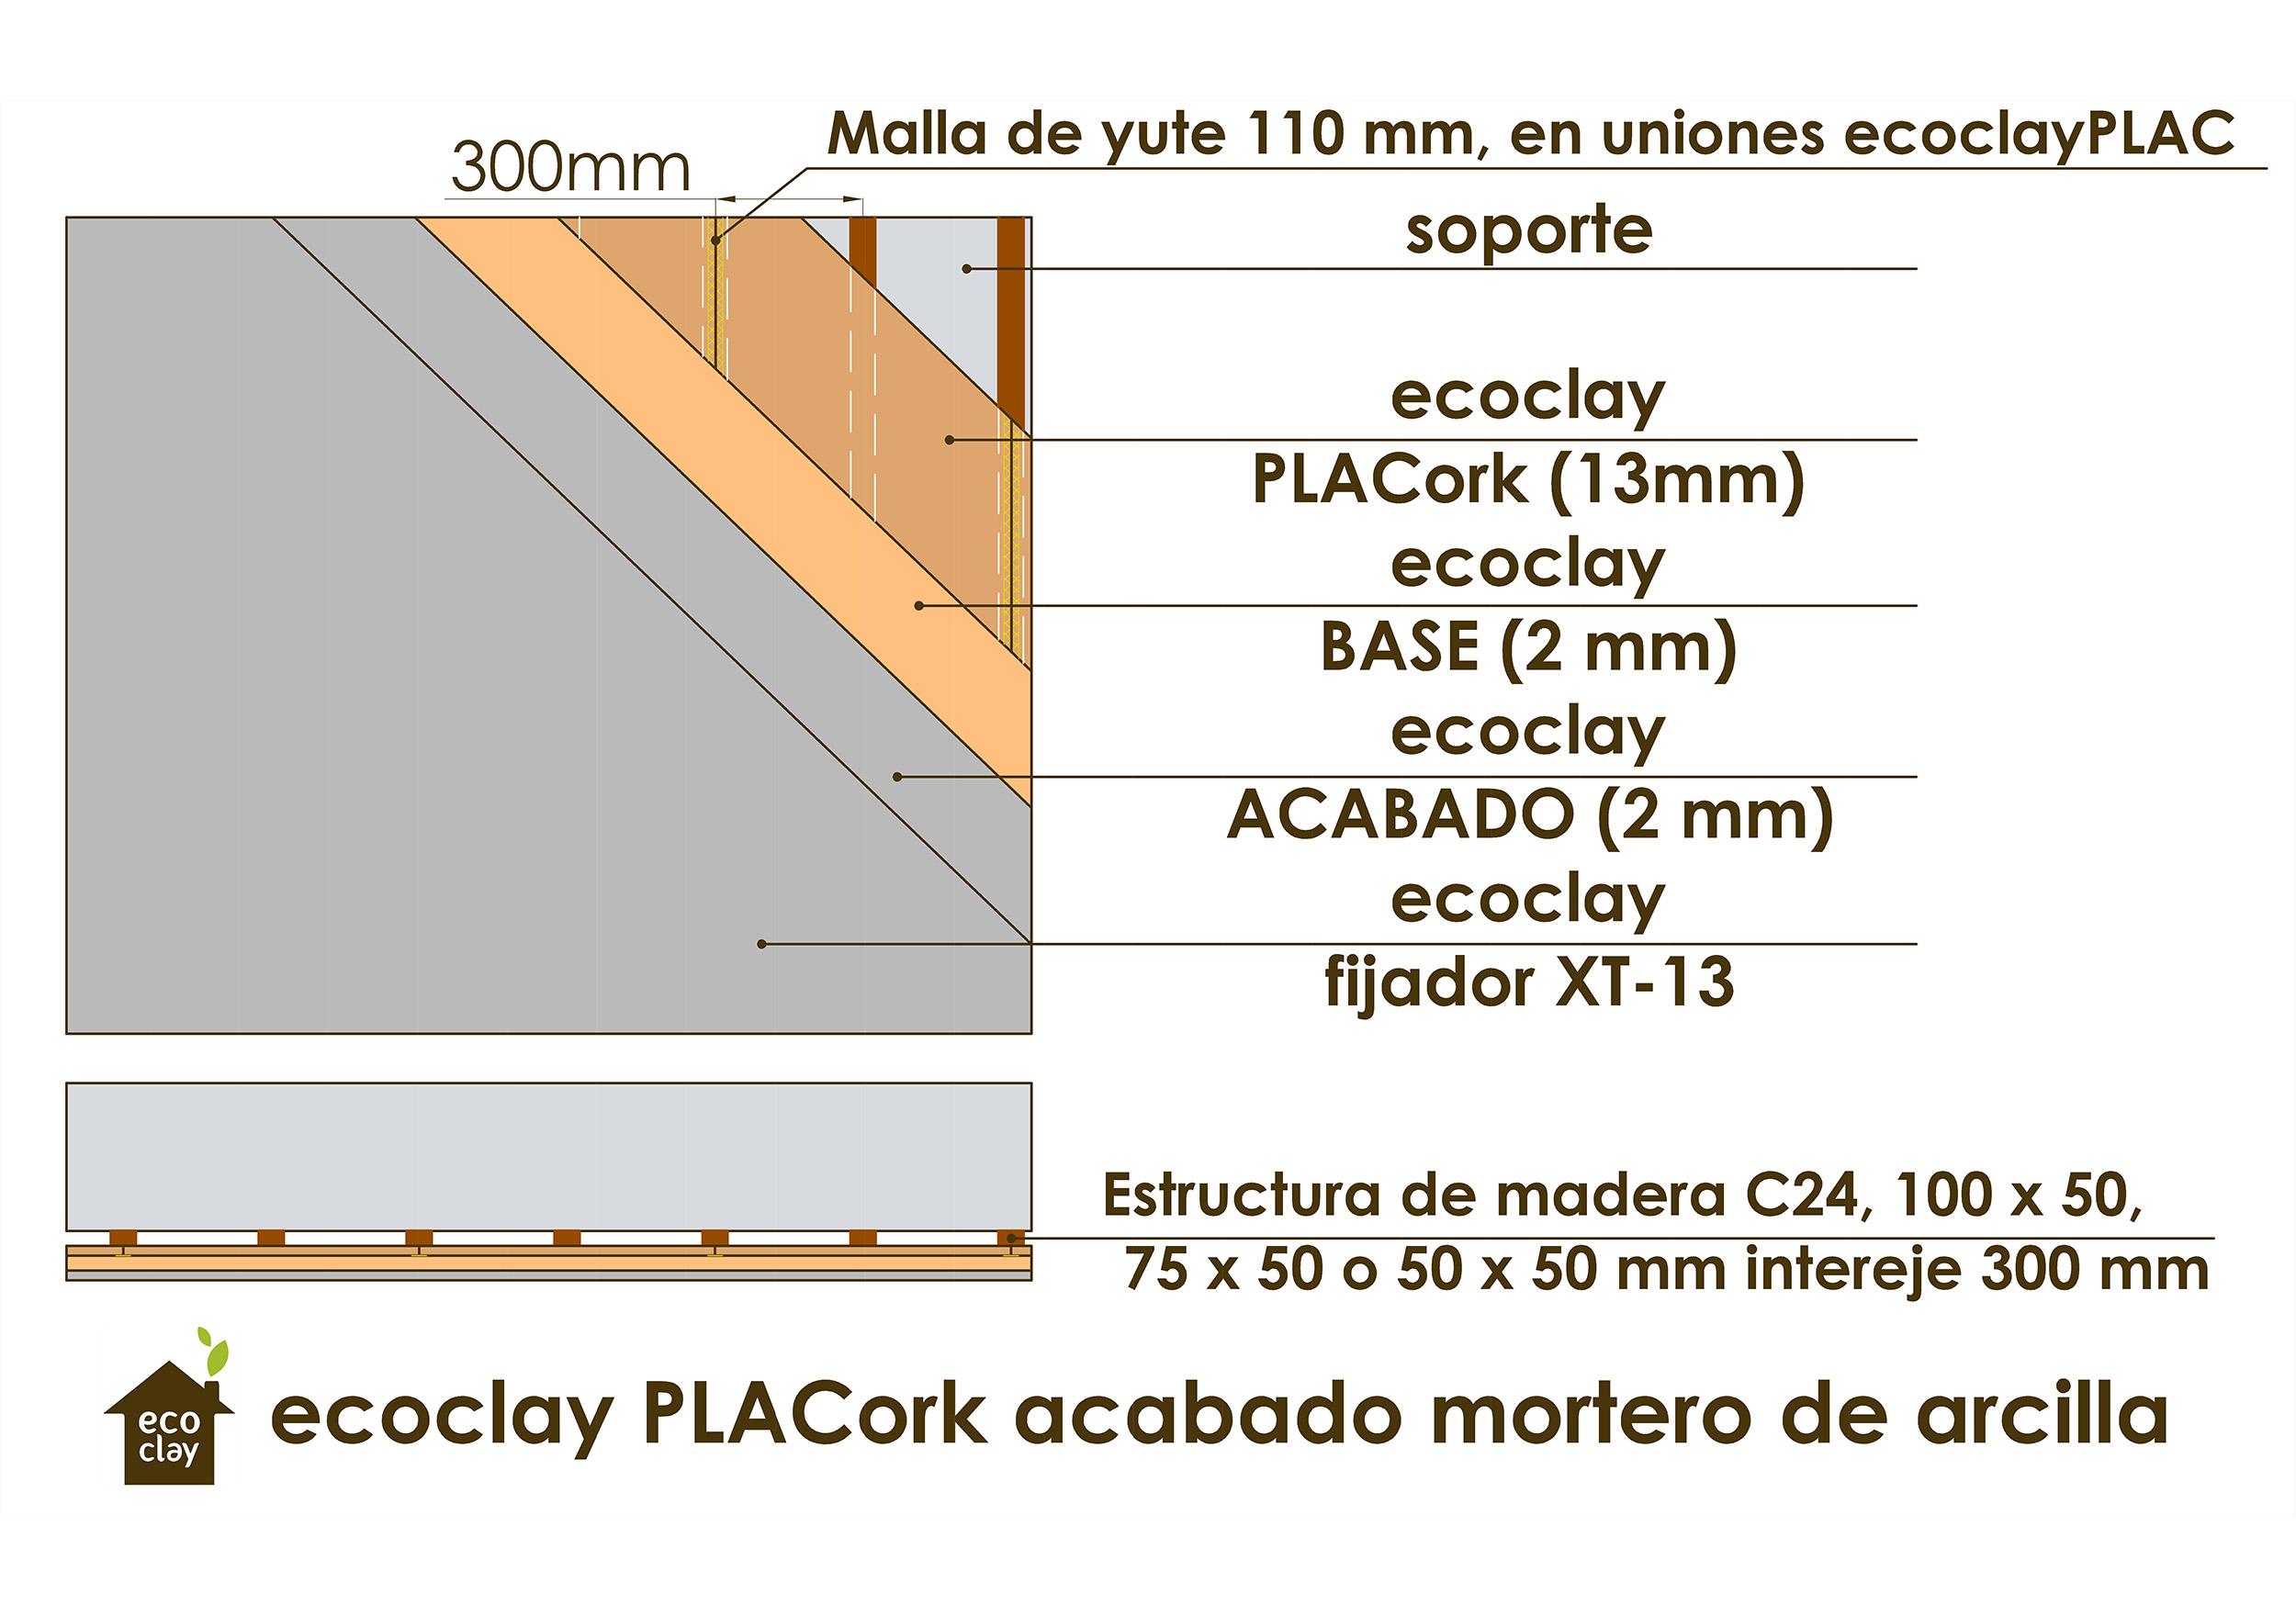 ecoclayPLACork, acabado mortero de arcilla, ecoclay ACABADO